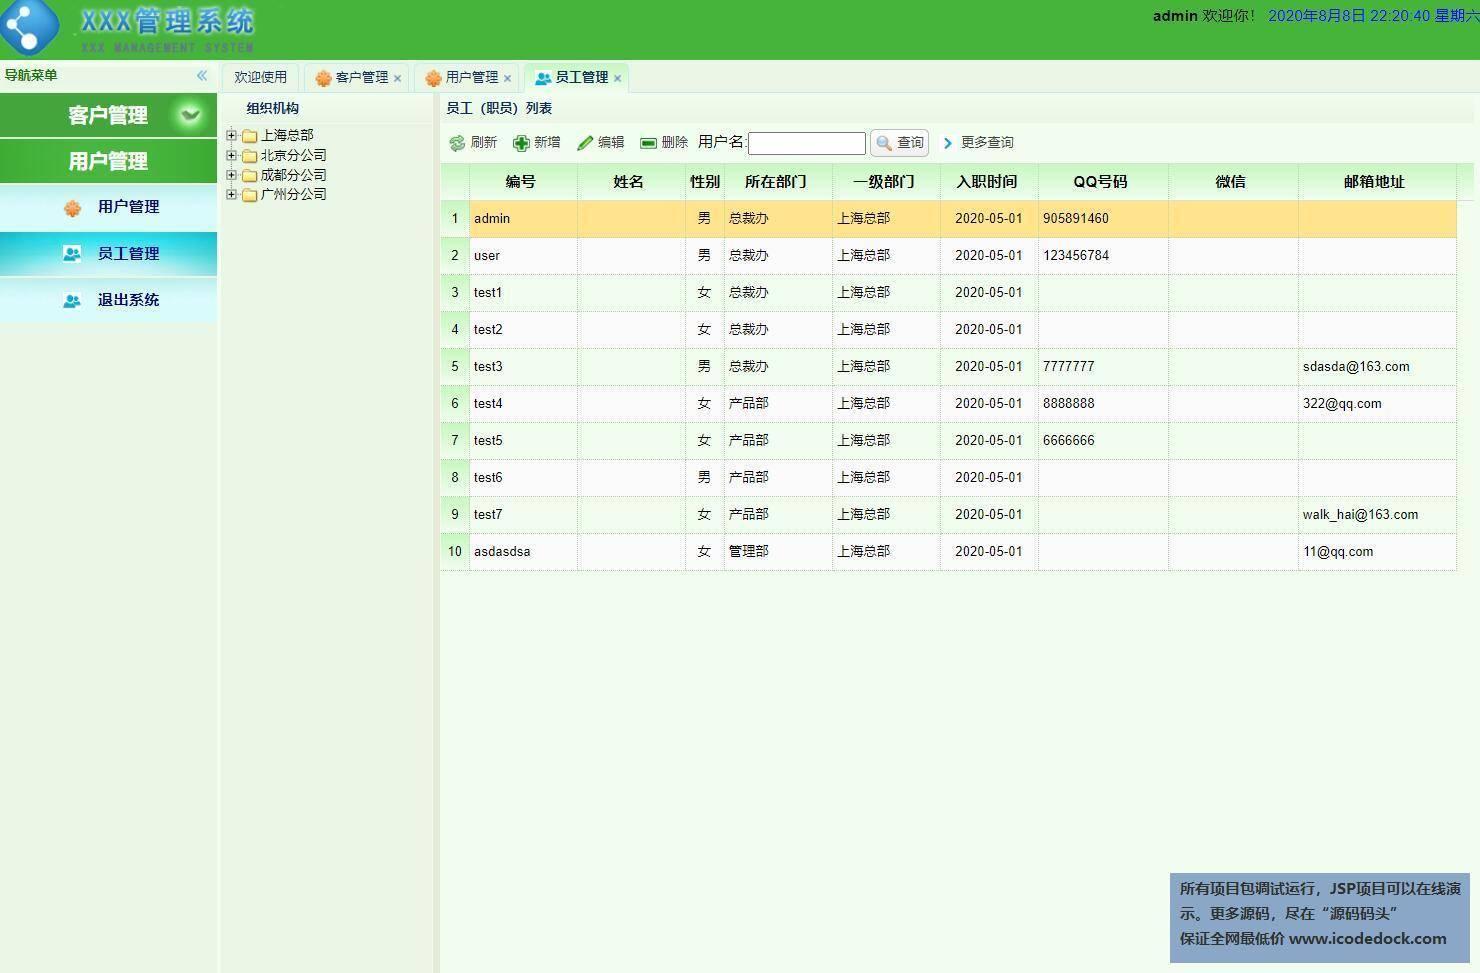 源码码头-SSM公司客户关系管理系统-管理员角色-员工管理